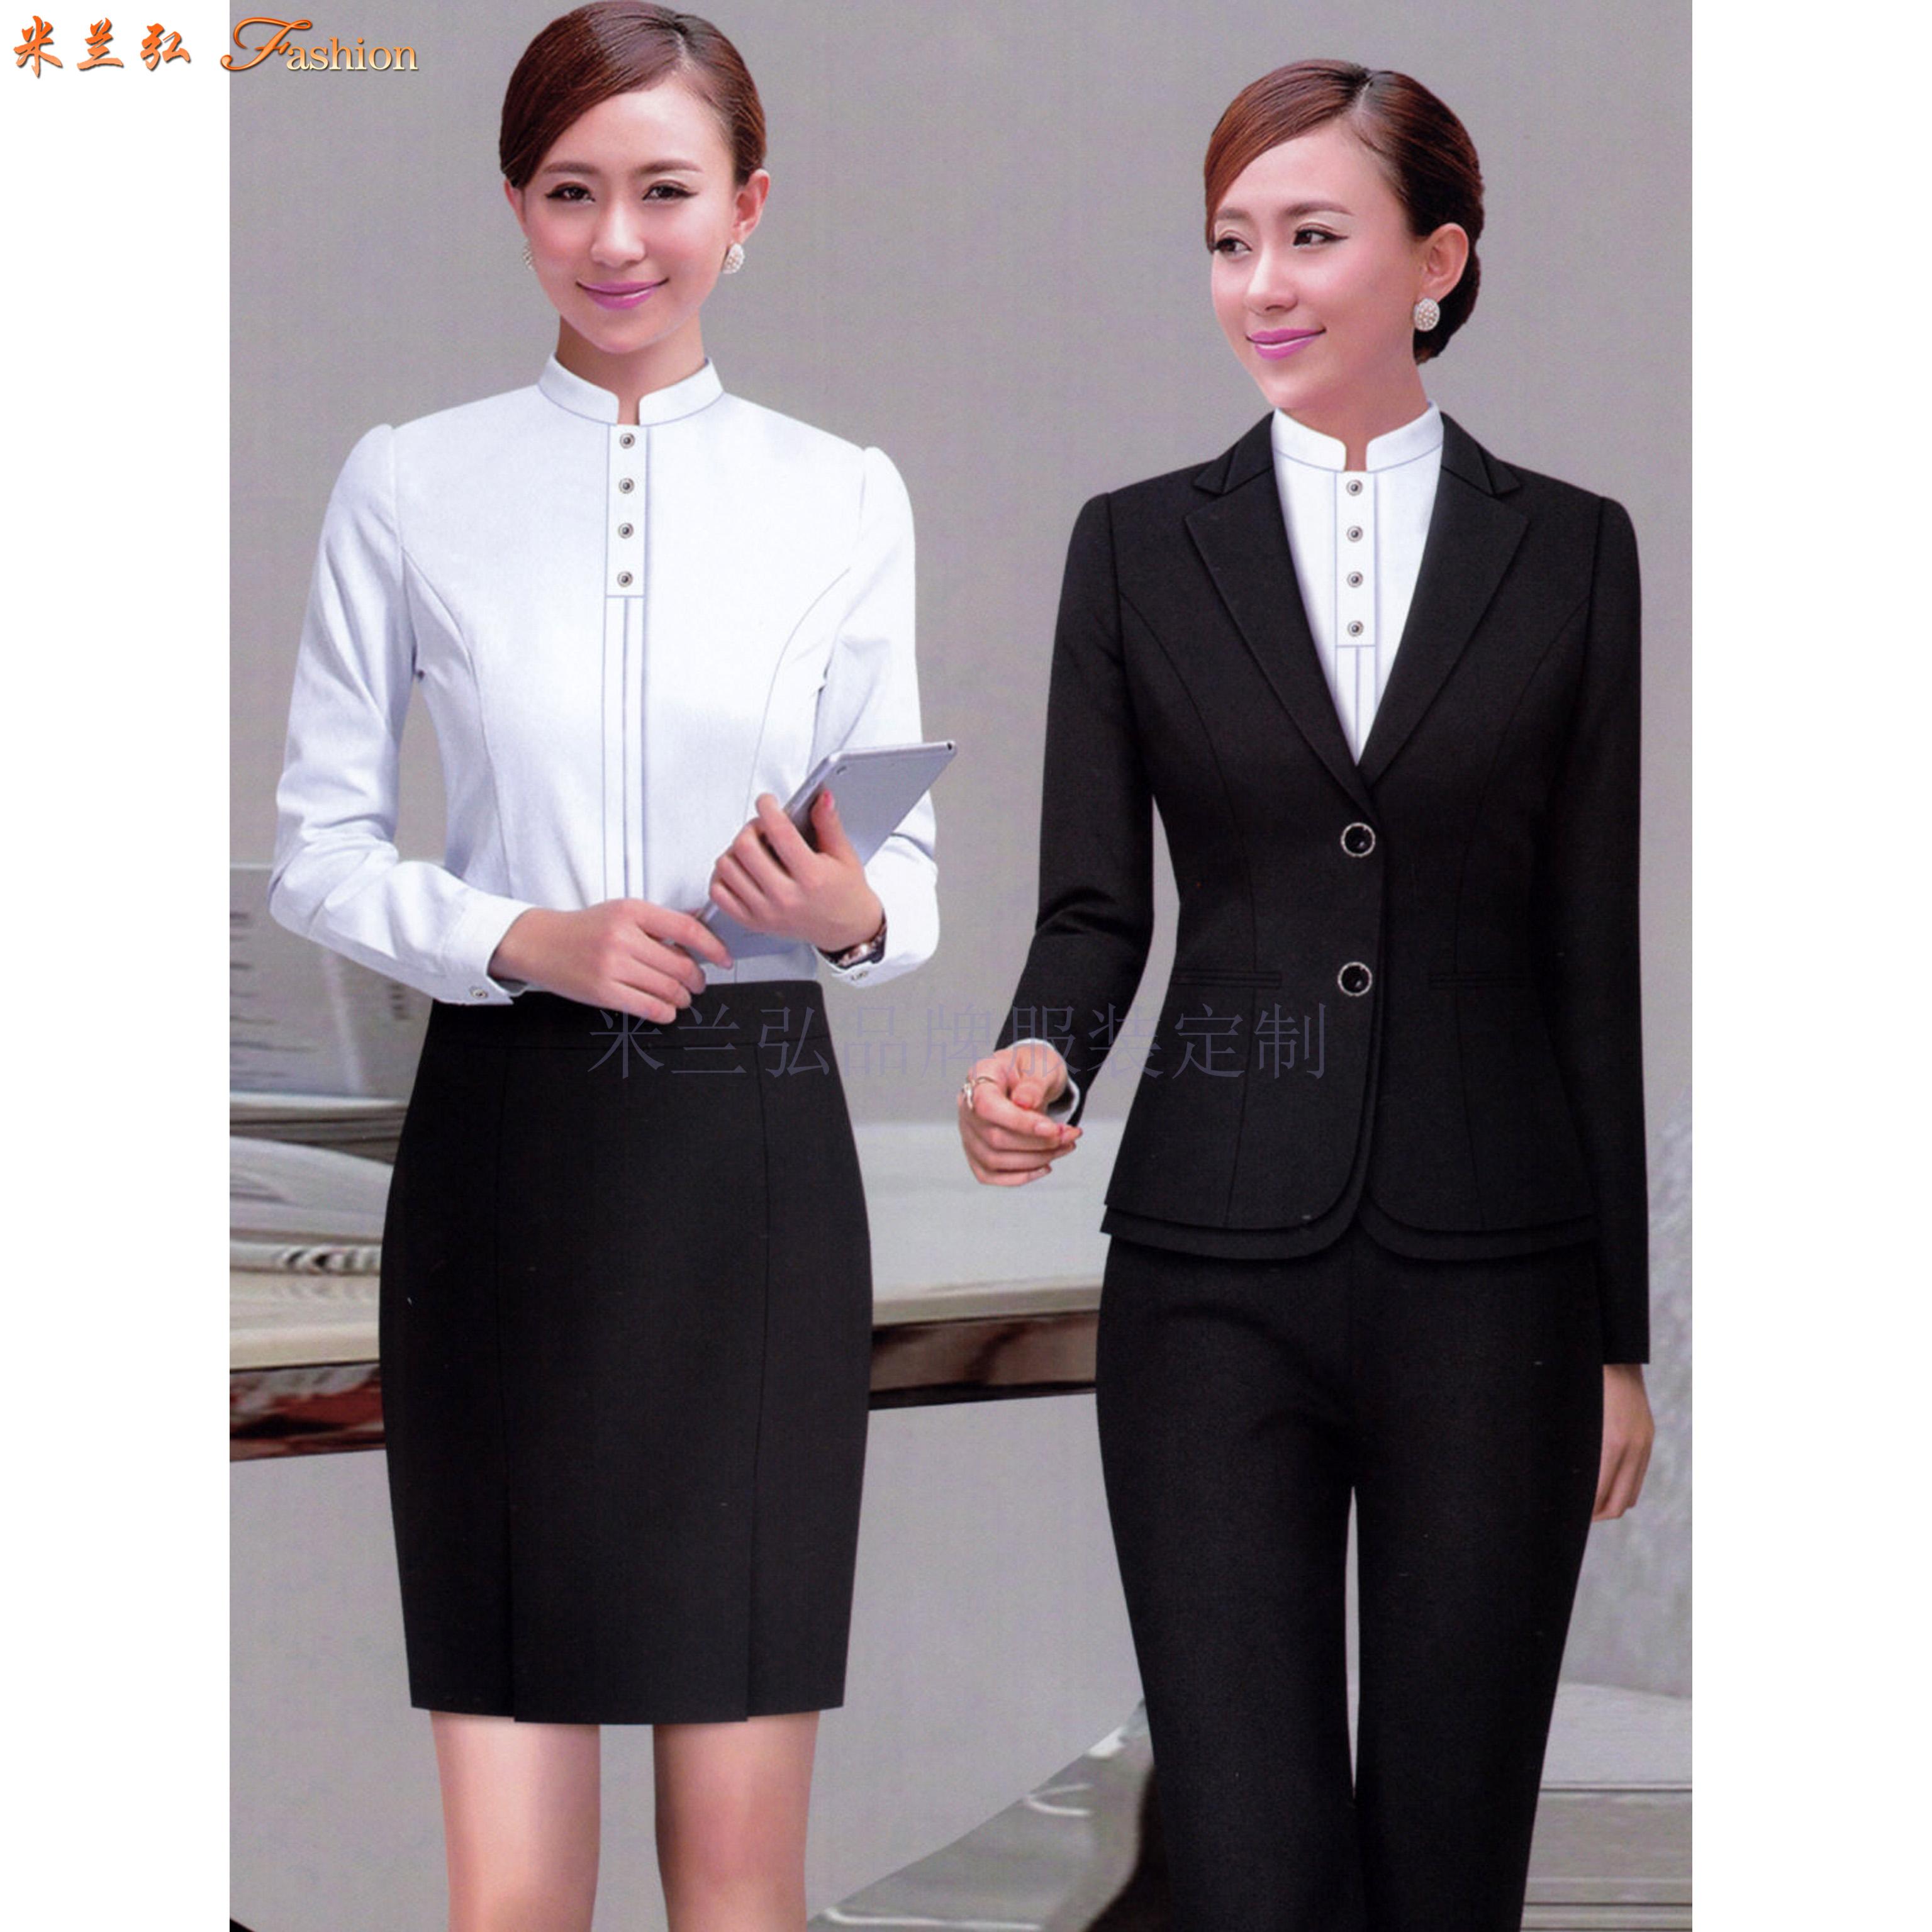 工裝西服定制-訂做工裝西服-米蘭弘服裝-3